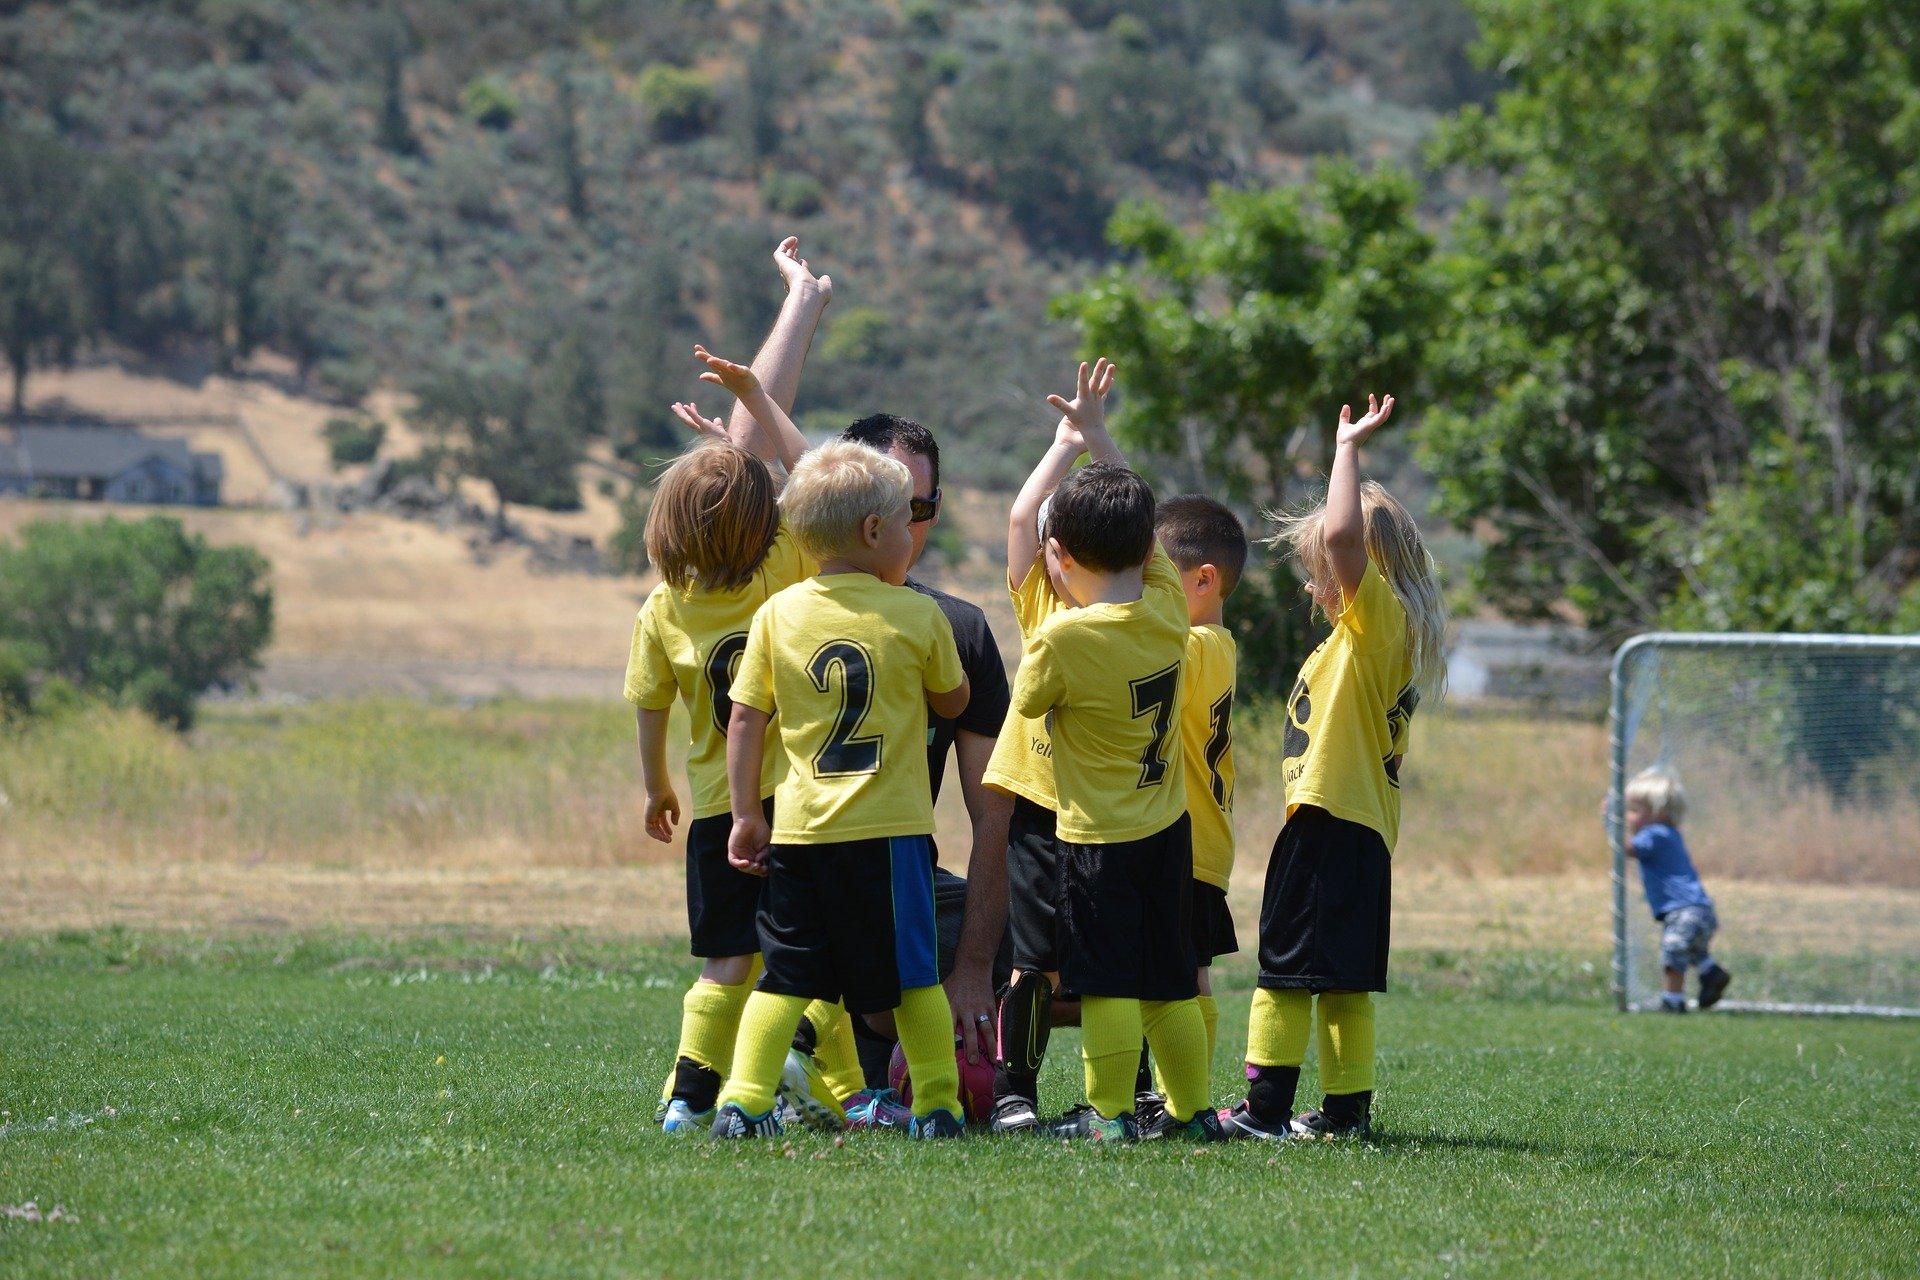 bambini in uniforme che giocano in un parco e che in cerchio si danno il cinque